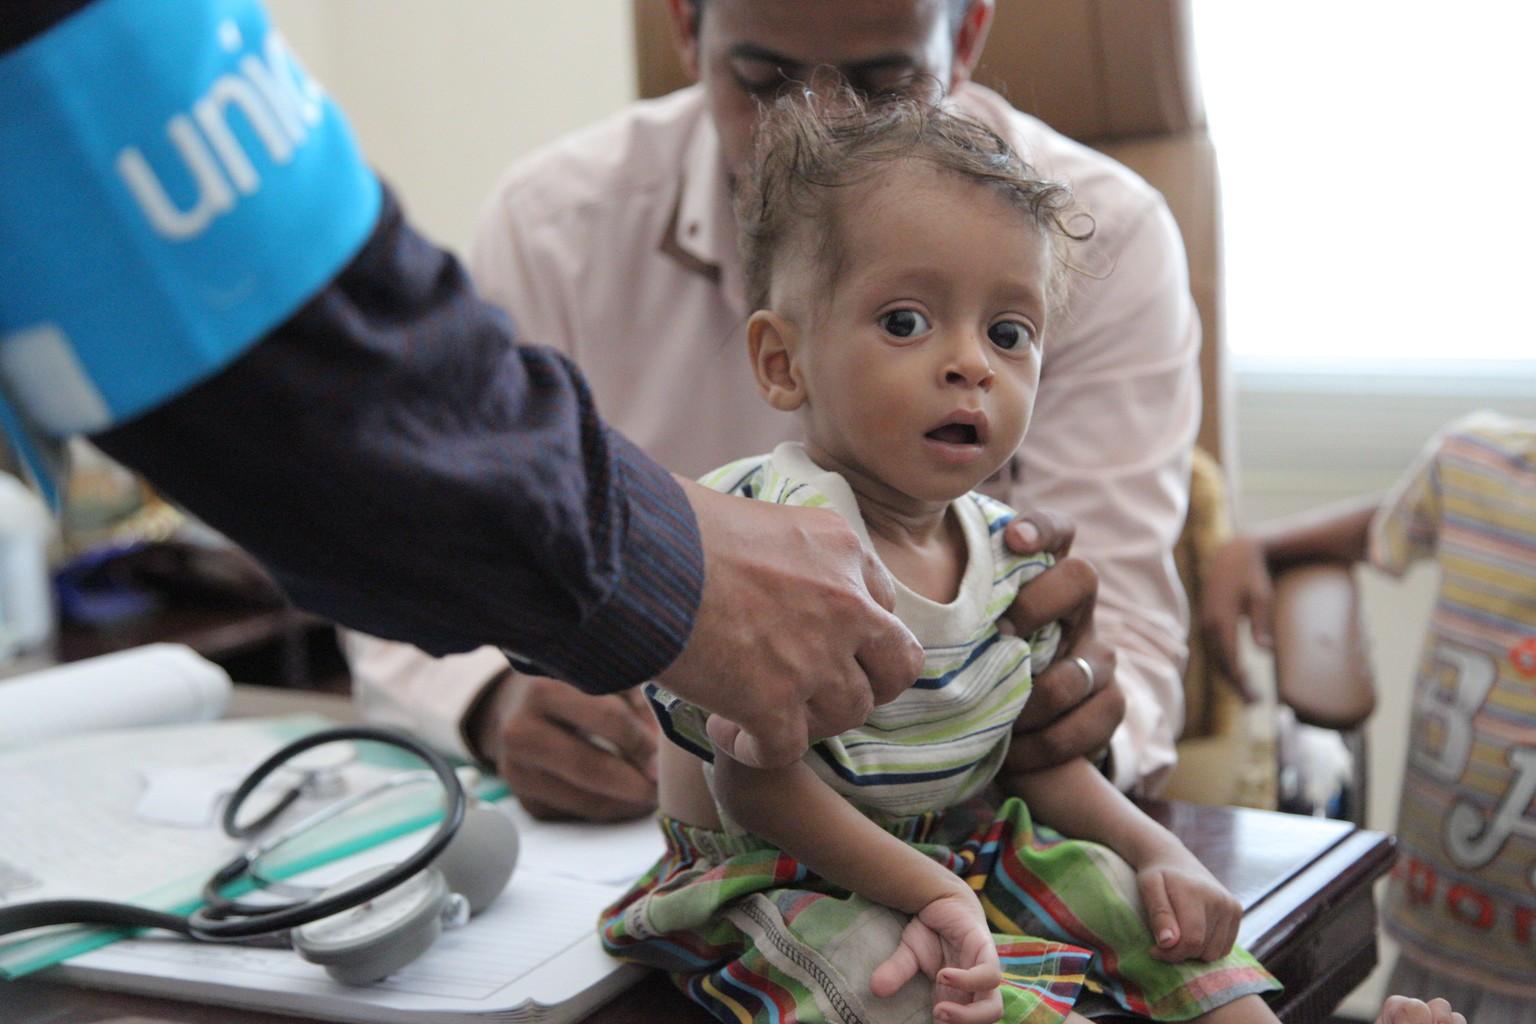 Le jeudi 20 octobre 2016 : Un garçon passe un test de dépistage de la malnutrition à Saada, au Yémen....